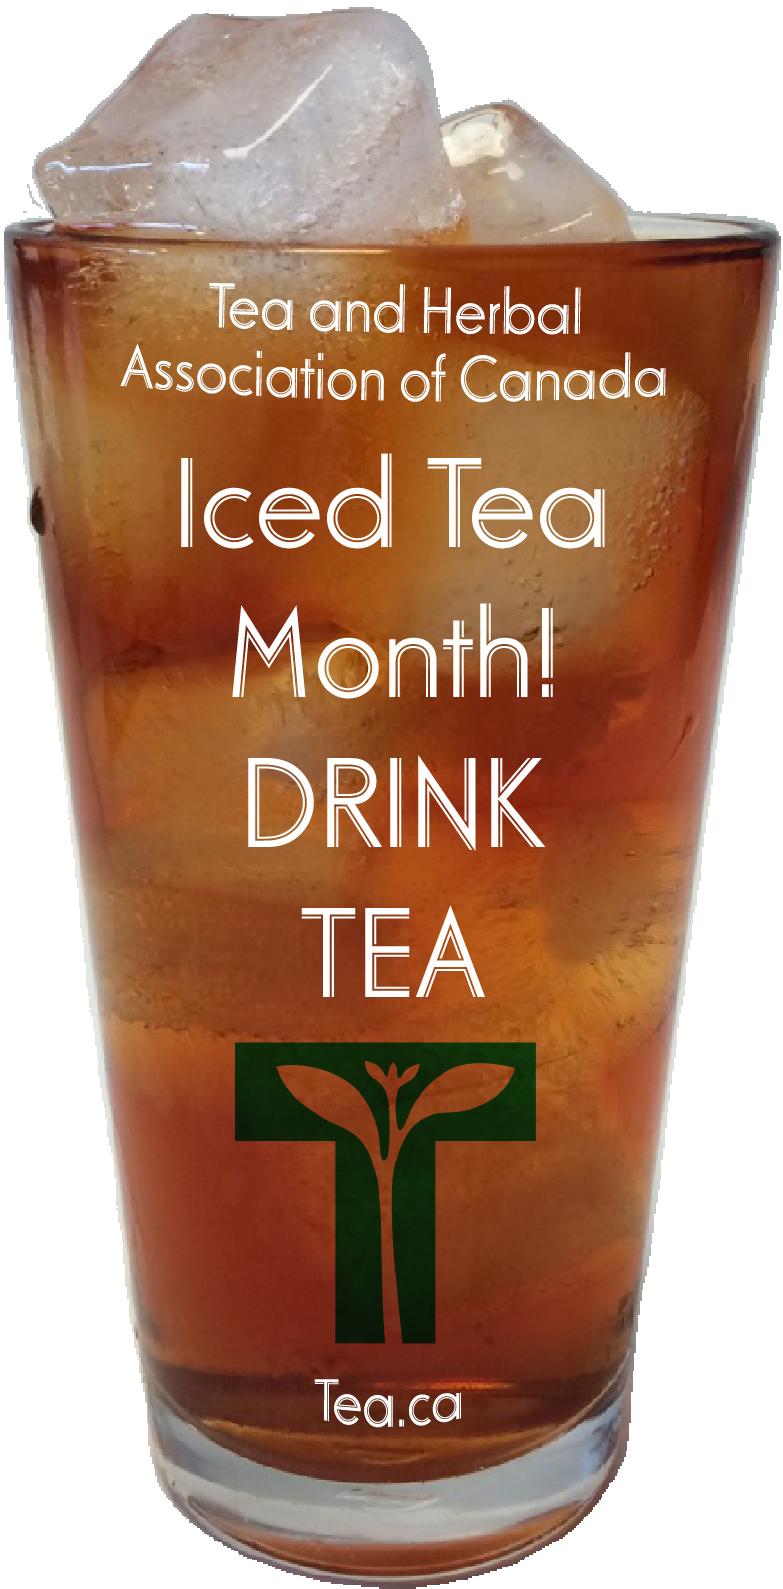 Iced Tea Month! Drink Tea!